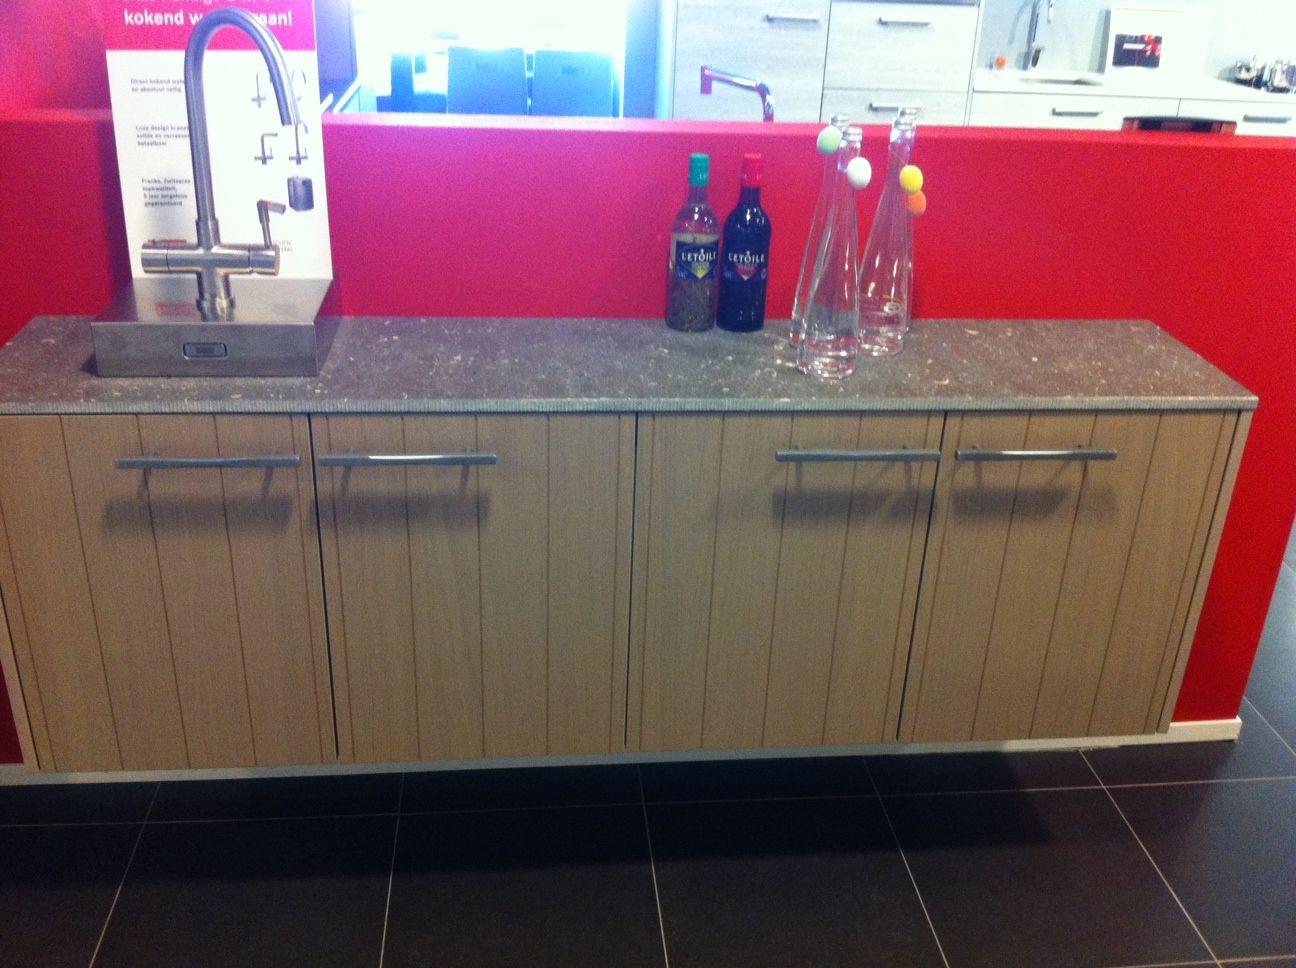 De voordeligste woonwinkel van nederland keller cornwall lak en fineer - Meubels keuken beneden cm ...